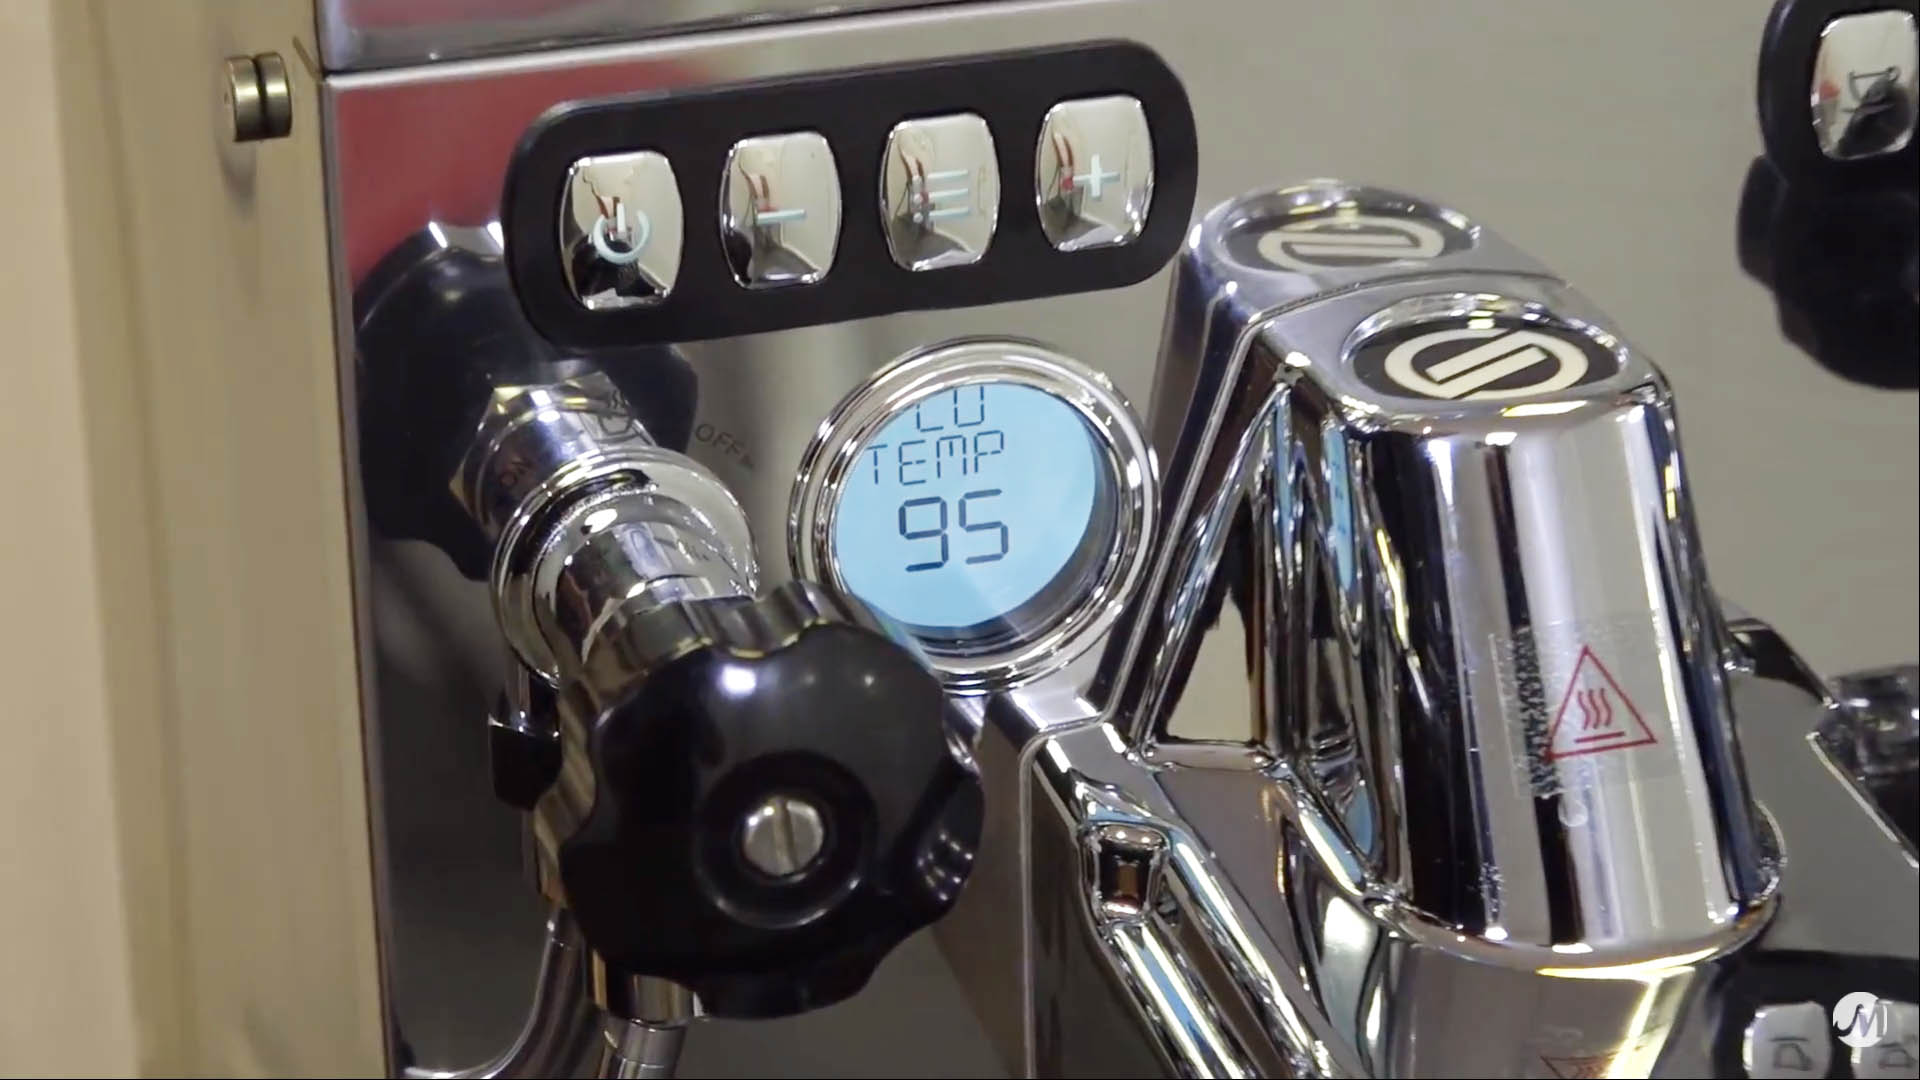 Chỉ số nhiệt độ và áo suất pha cafe